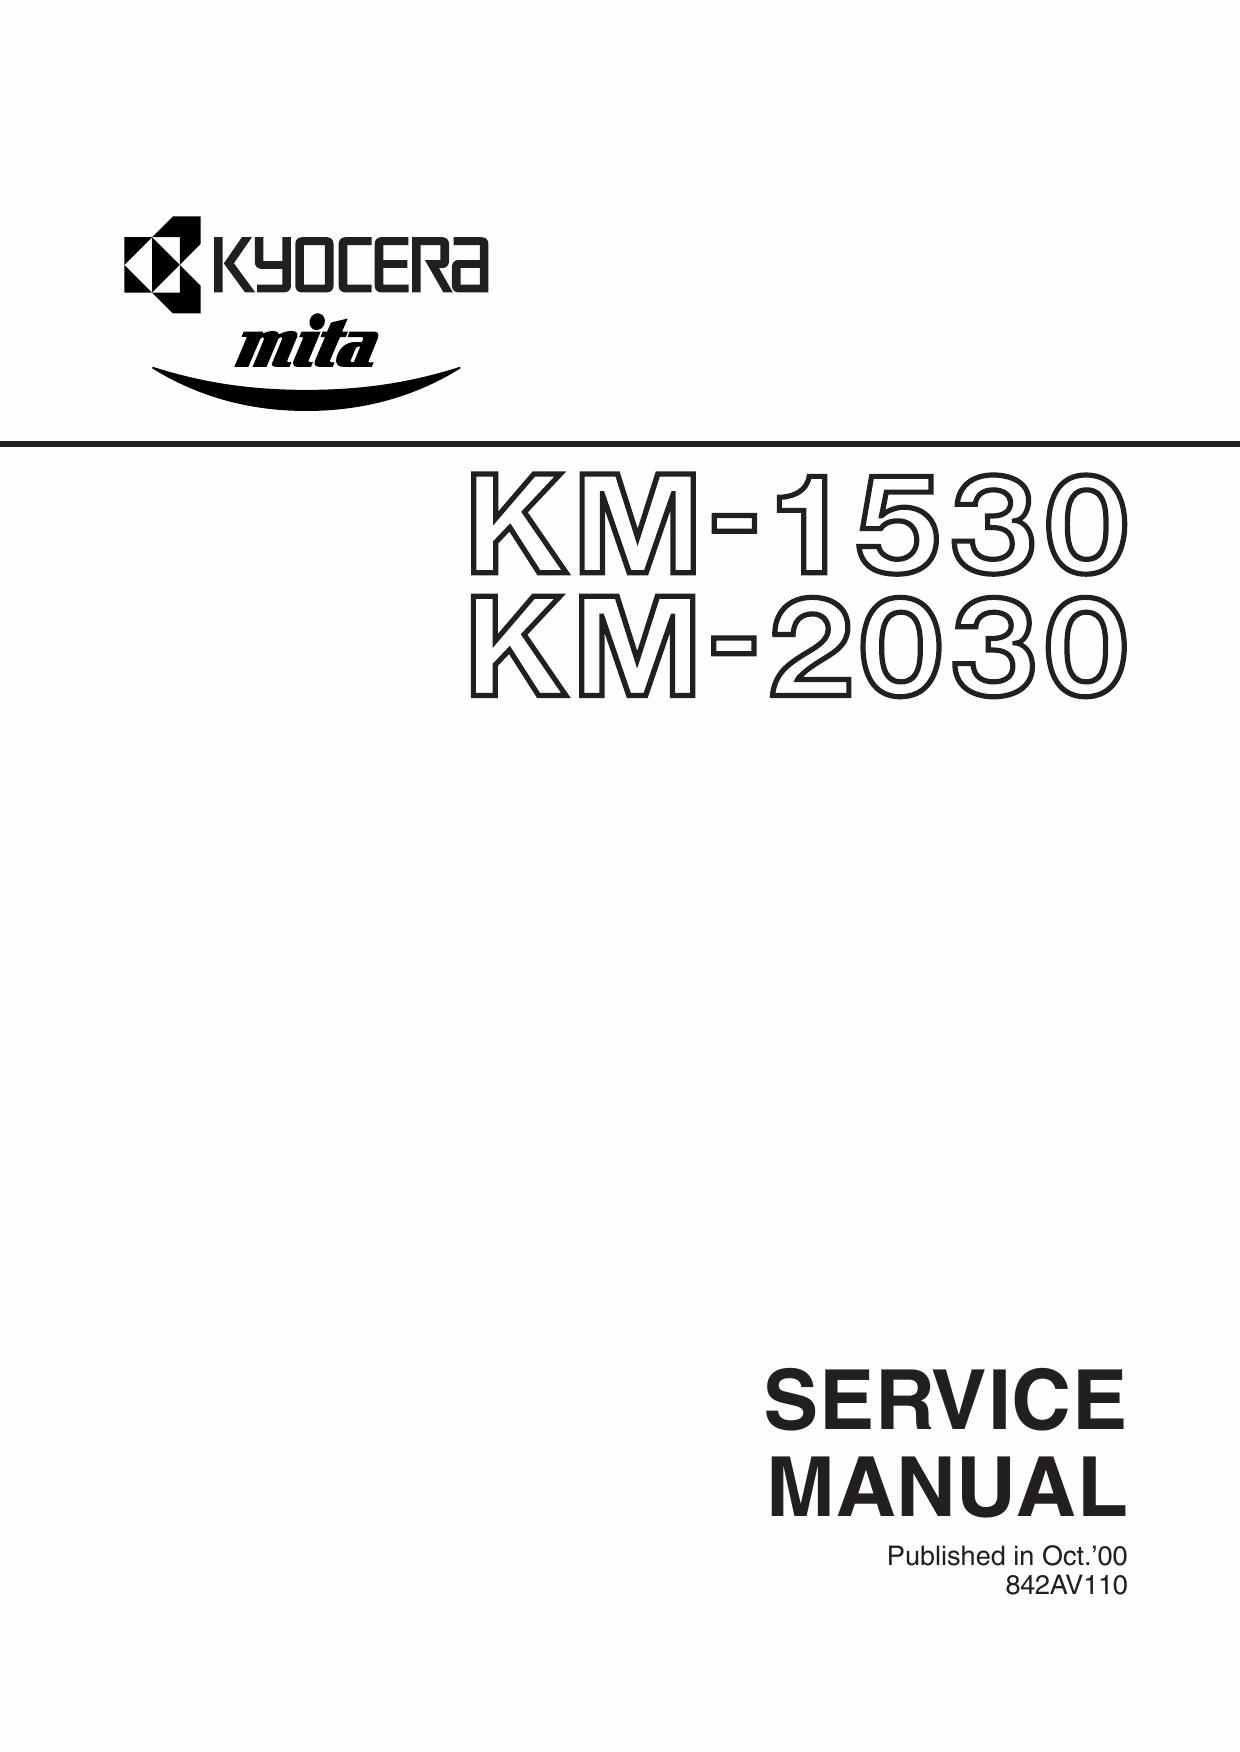 KYOCERA Copier KM-1530 2030 Service Manual